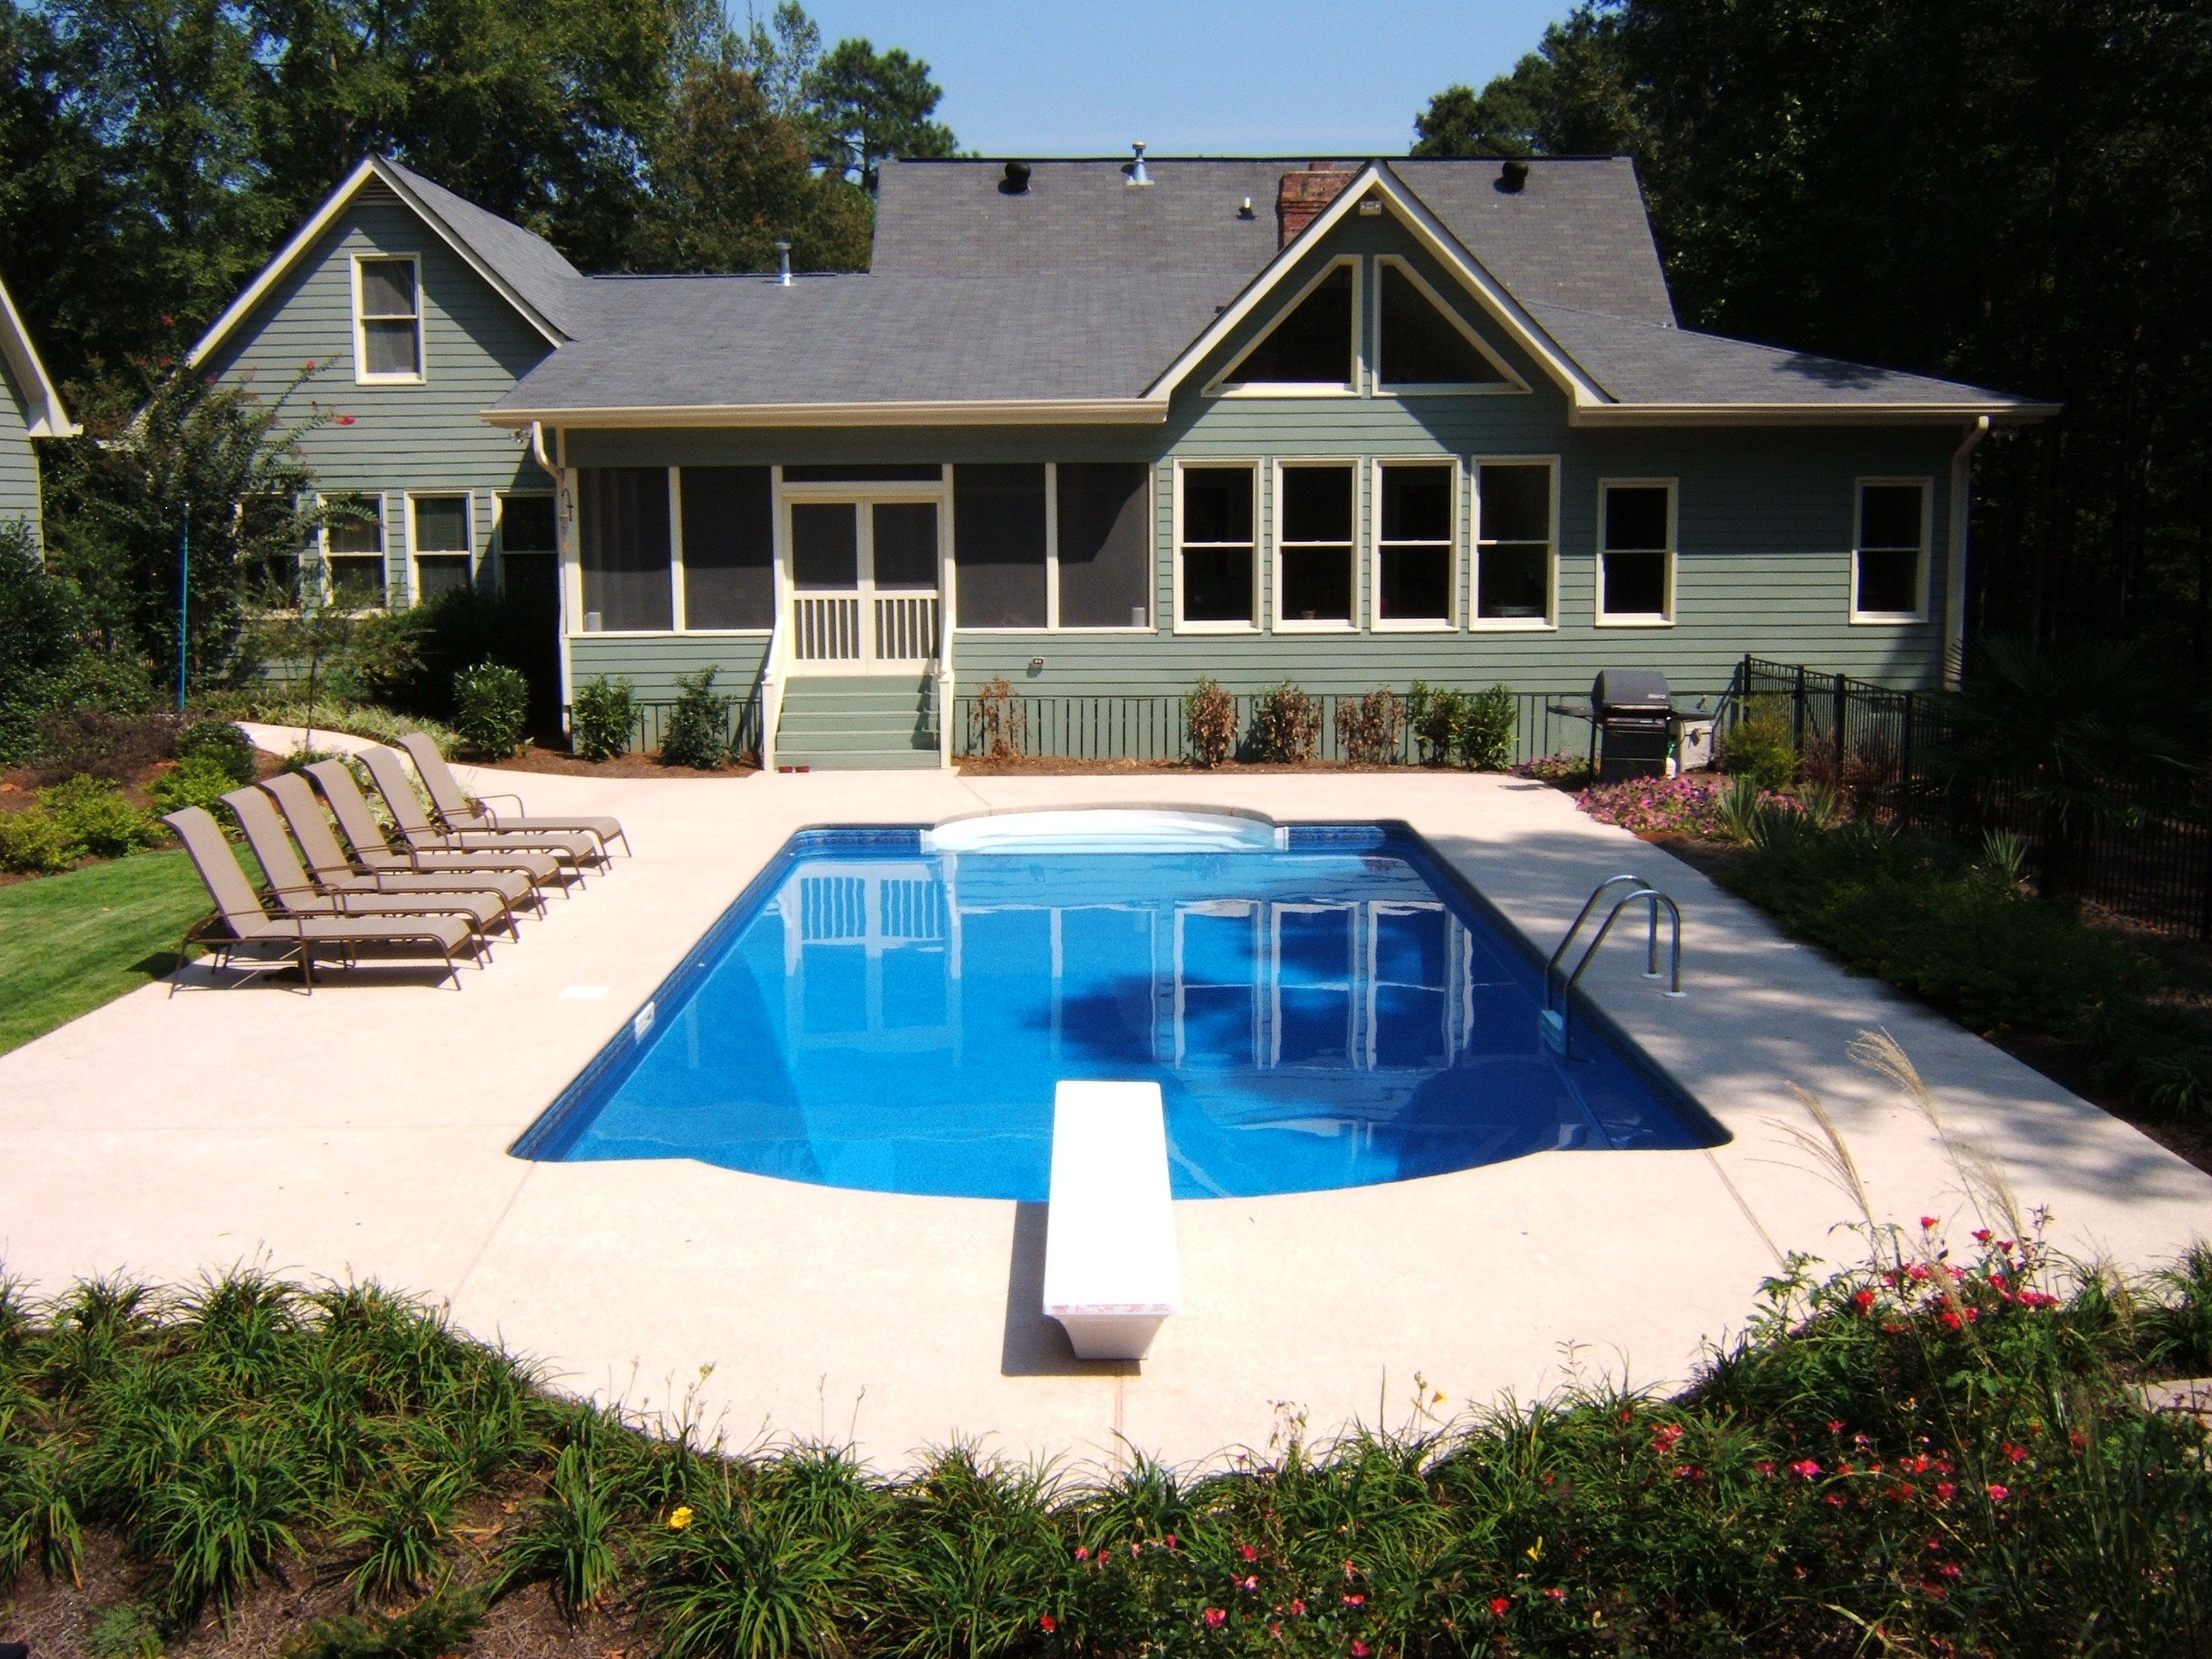 Vinyl liner pool builder | Pool | Pinterest | Pool builders, Pool ...